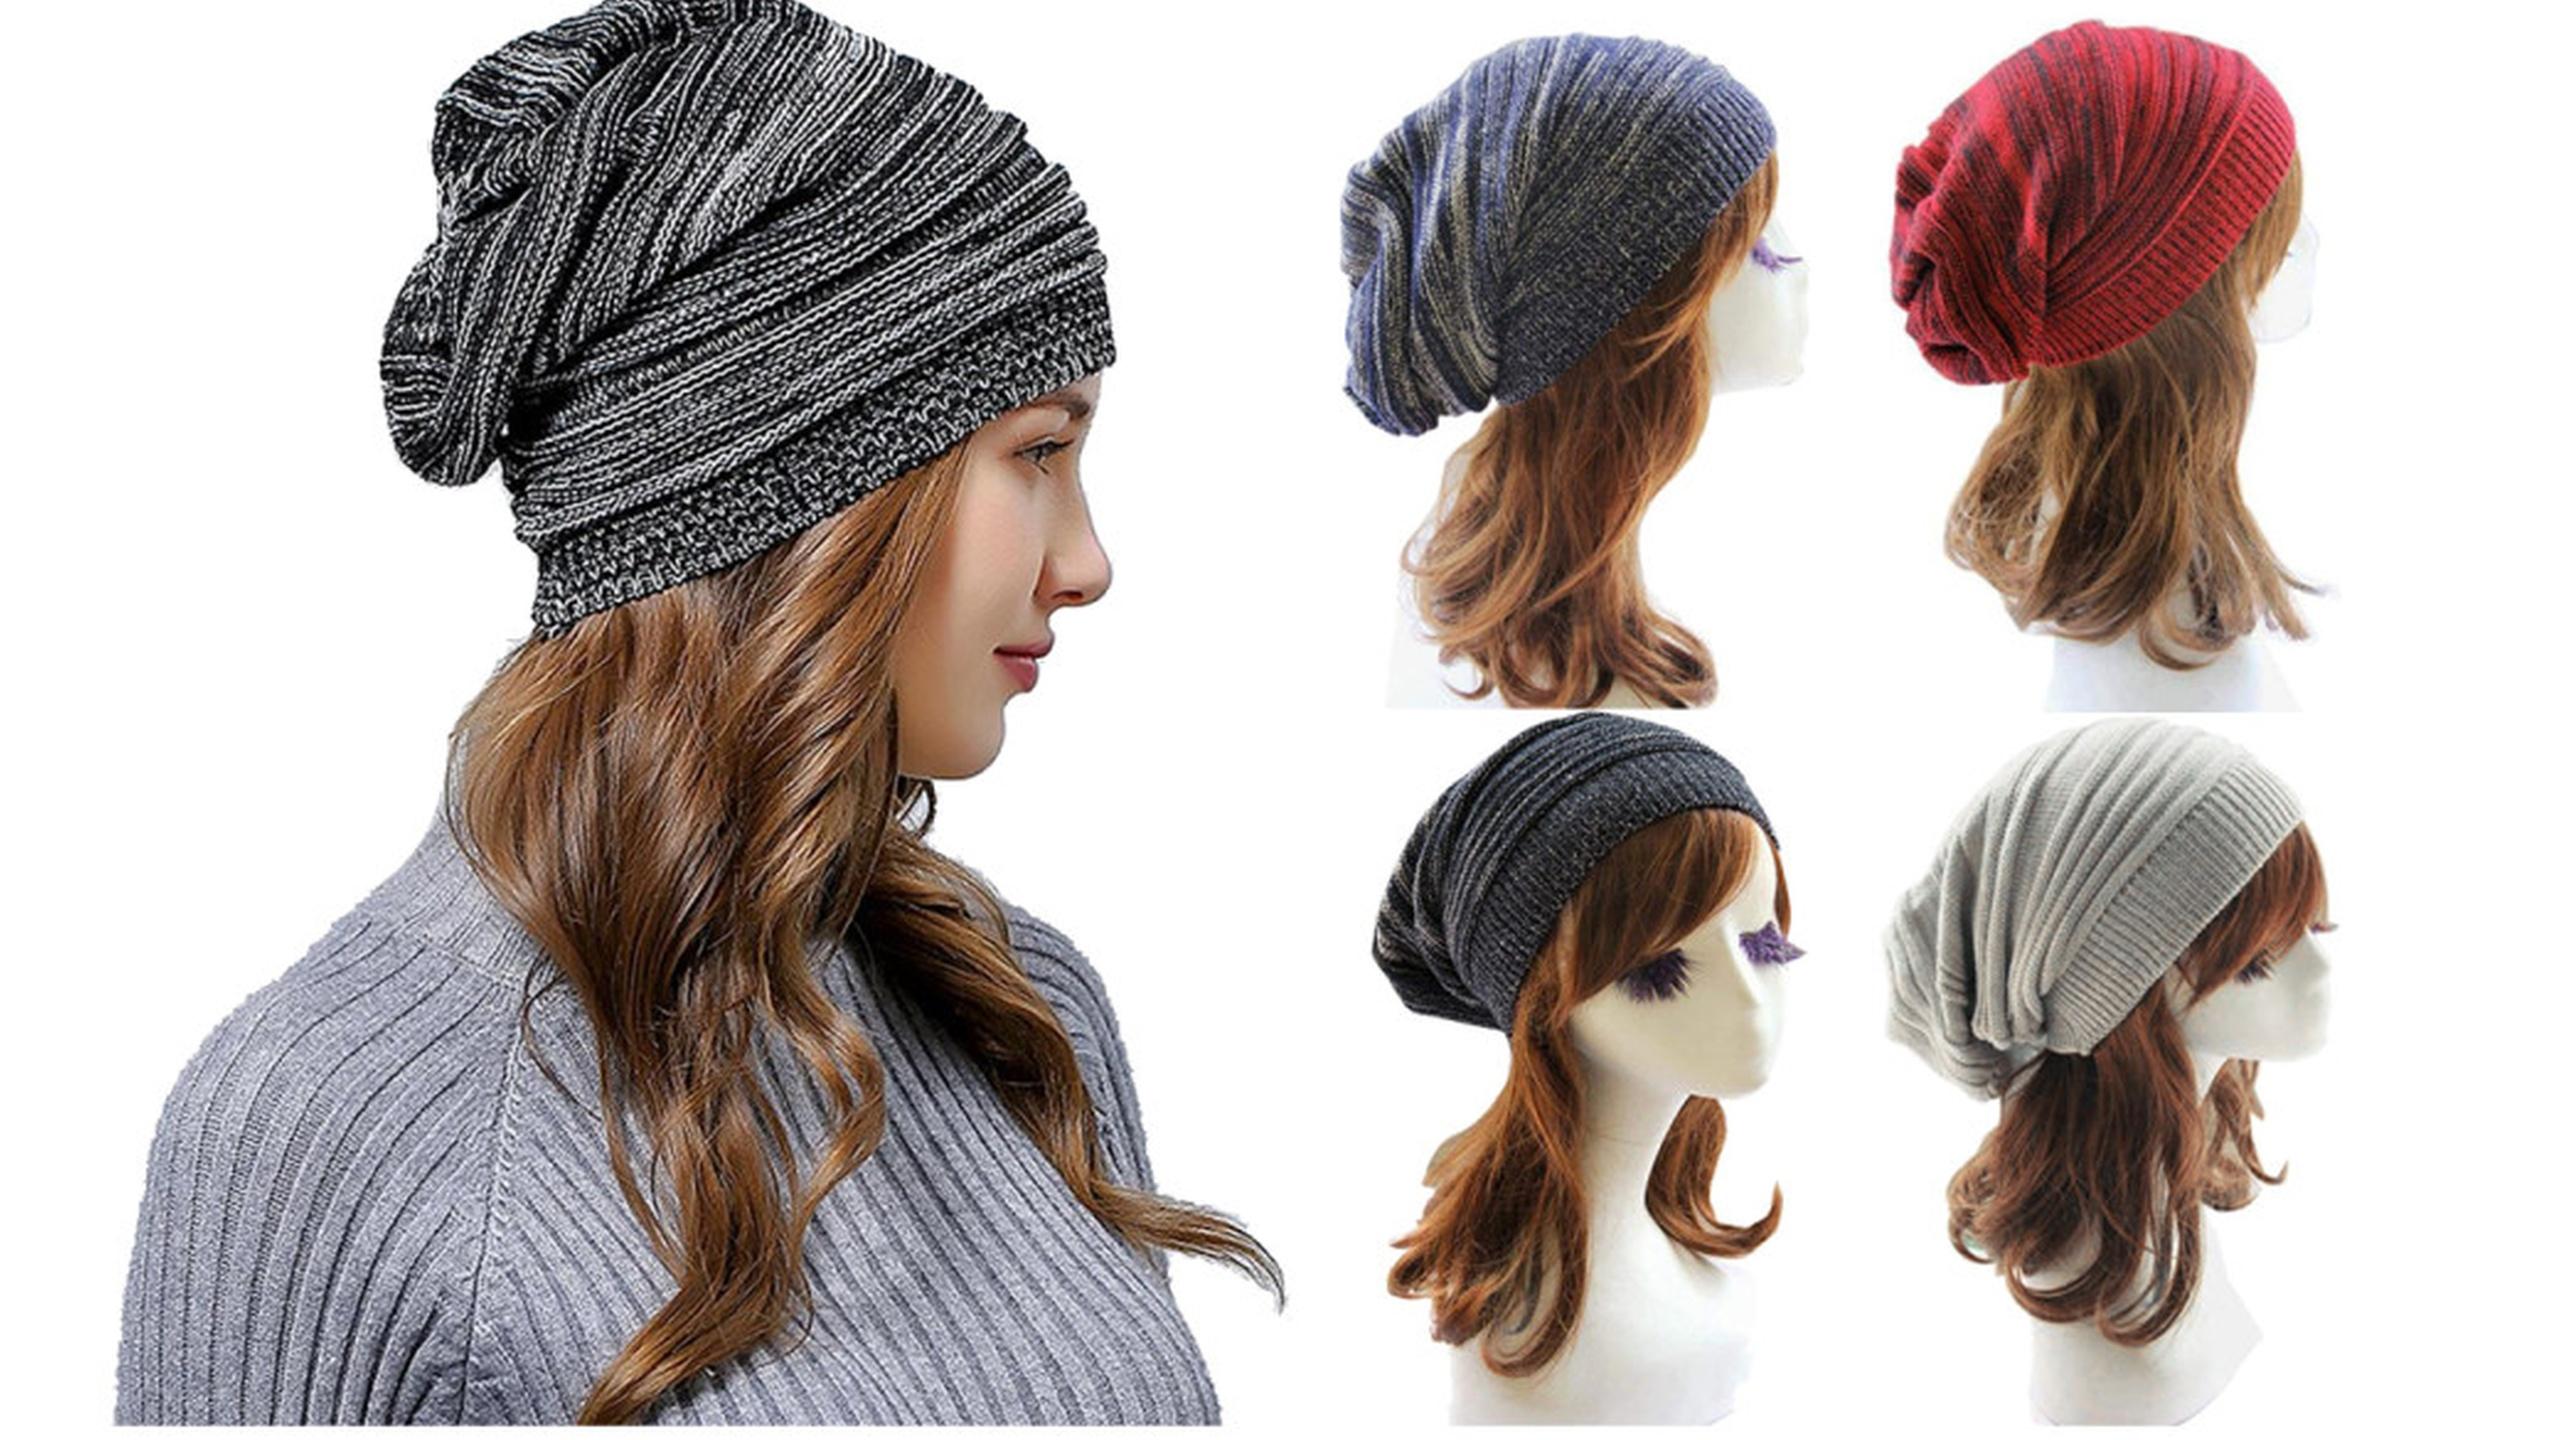 5e0ec3130c0 Unisex Women Oversized Beanie Hat Baggy Slouchy Warm Winter Ski Cap ...